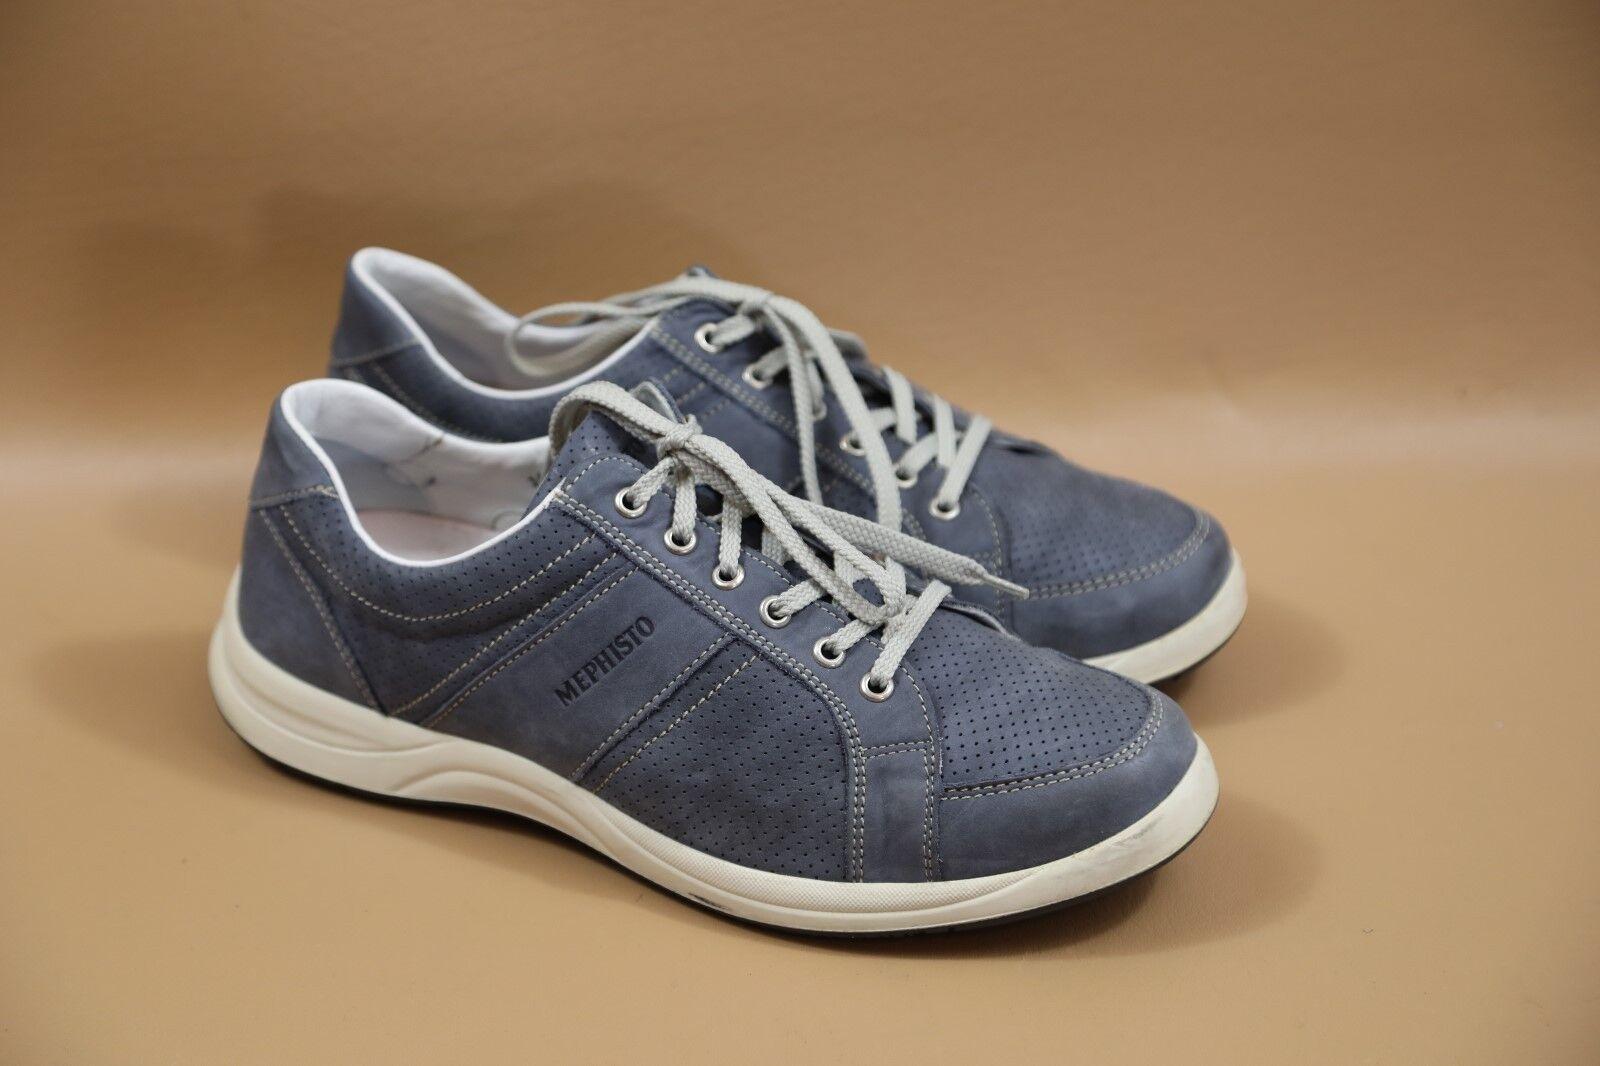 = MEPHISTO Hero Perforated Perforated Perforated Sneakers Size 9.5 bdd825